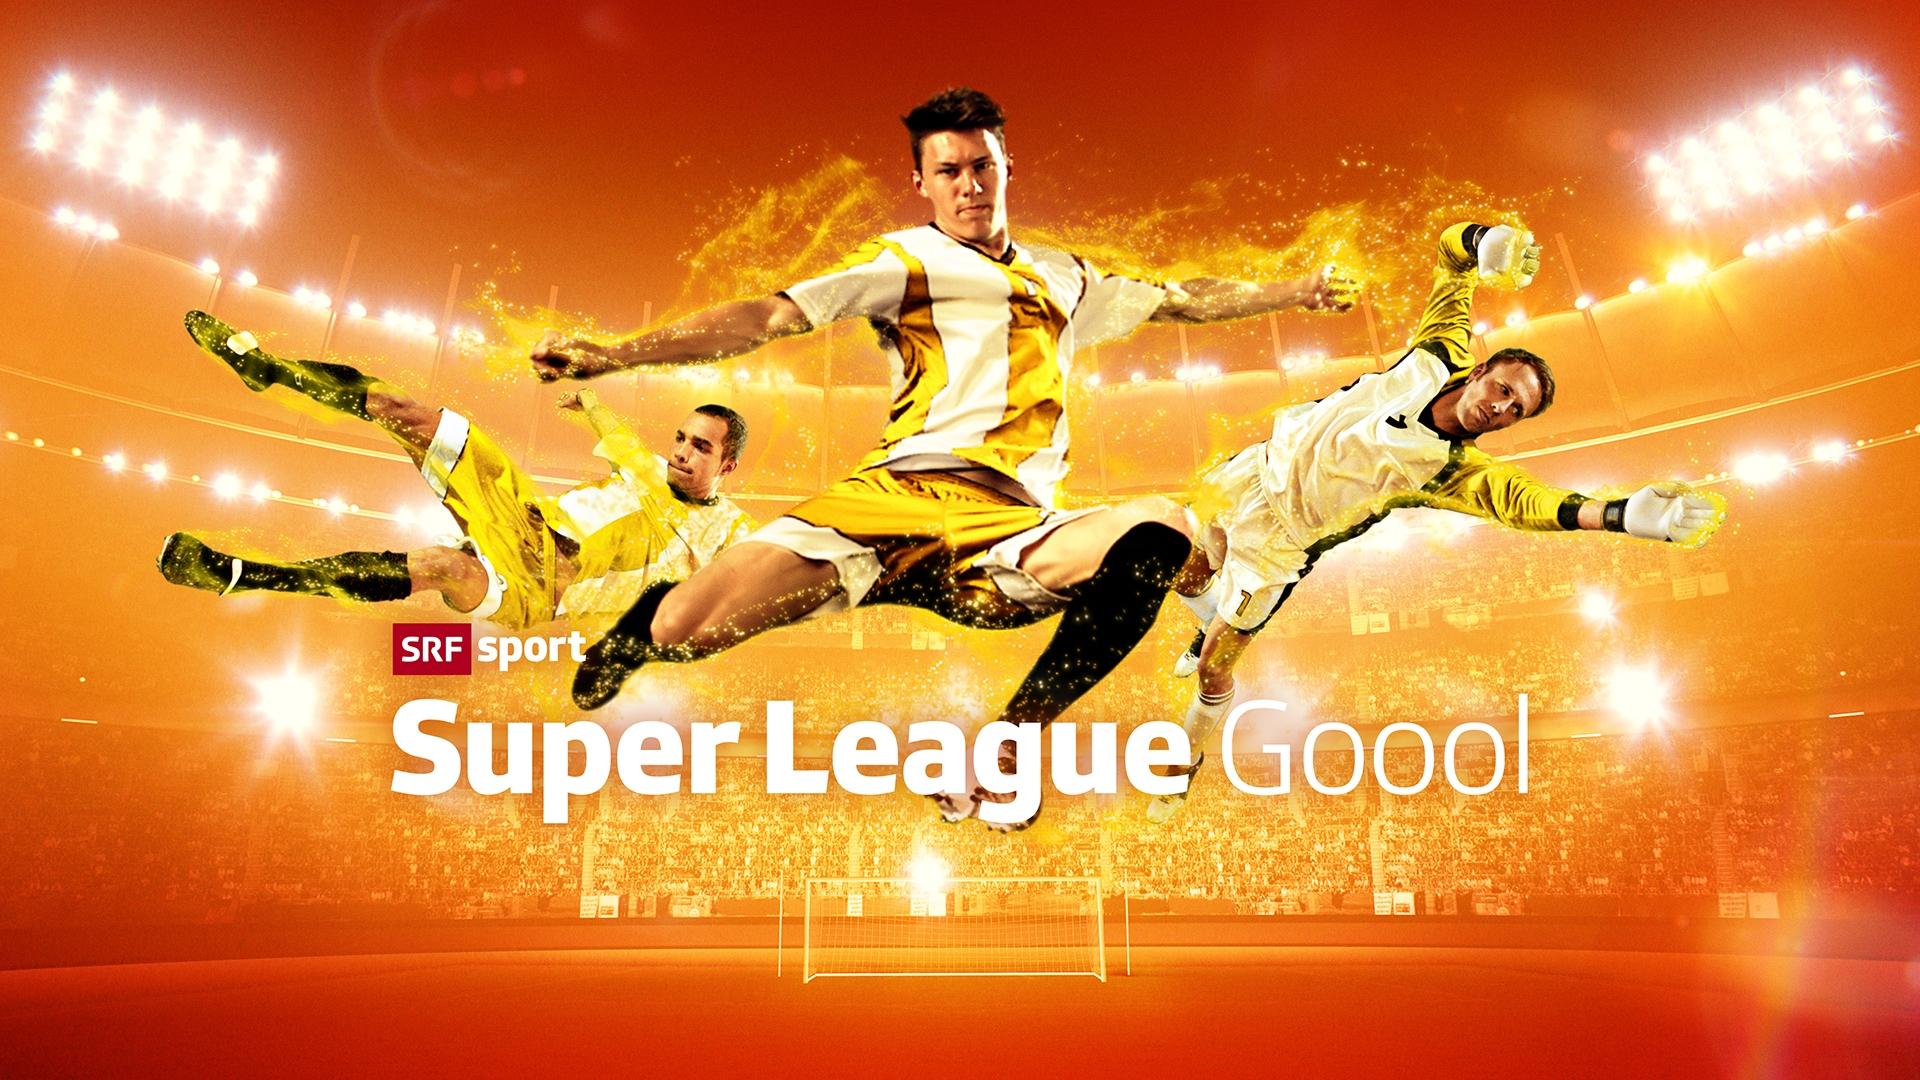 Super League Goool